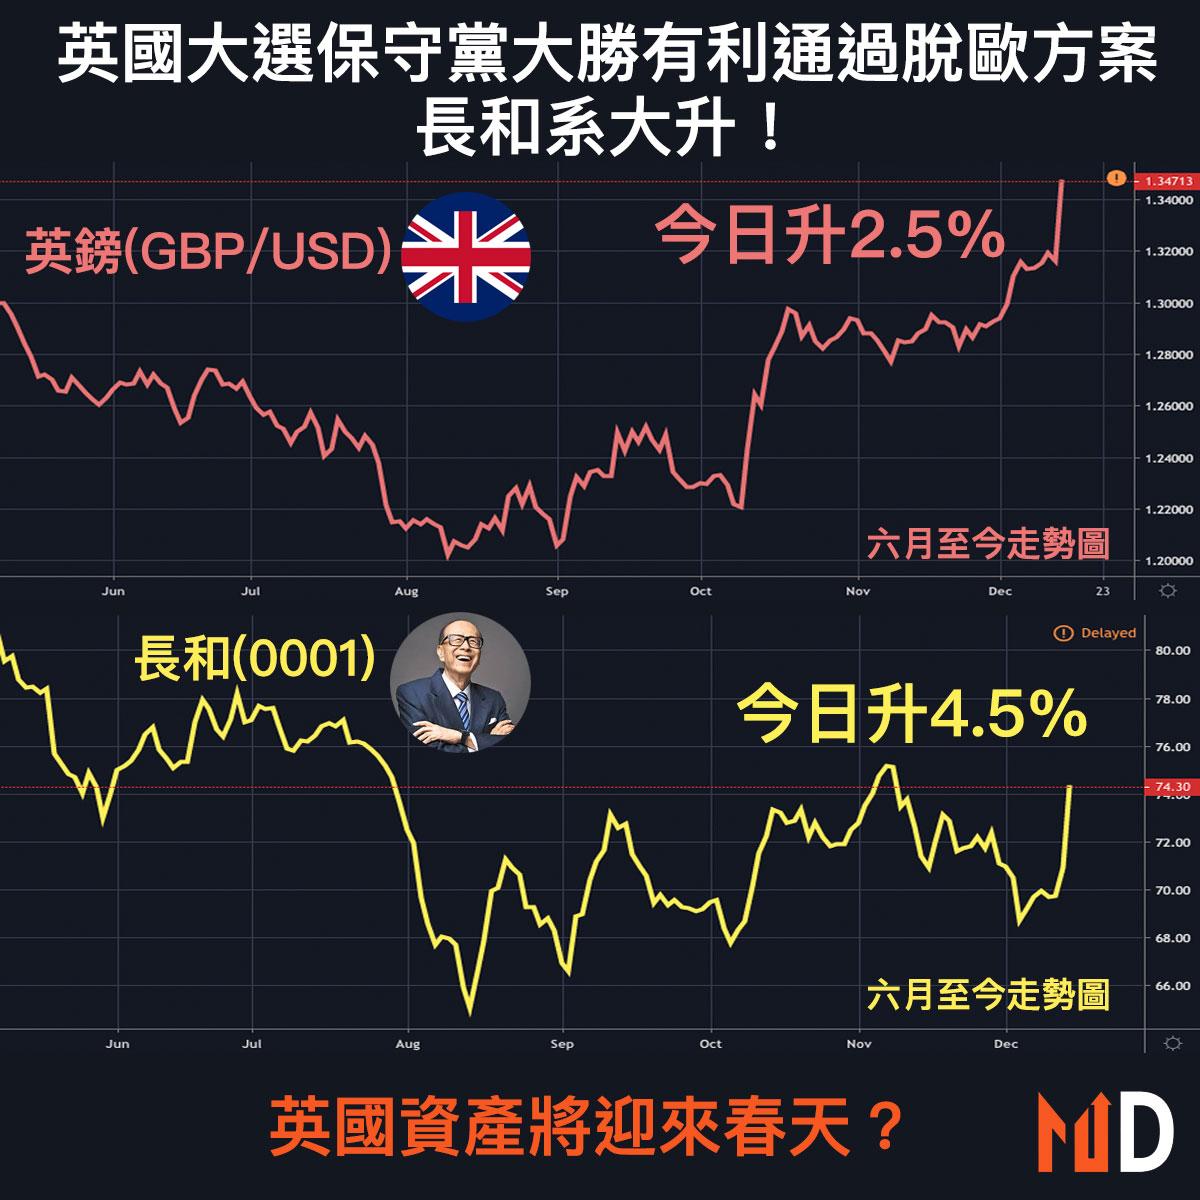 【市場熱話】英國大選保守黨大勝長和系大升,英國資產將迎來春天?